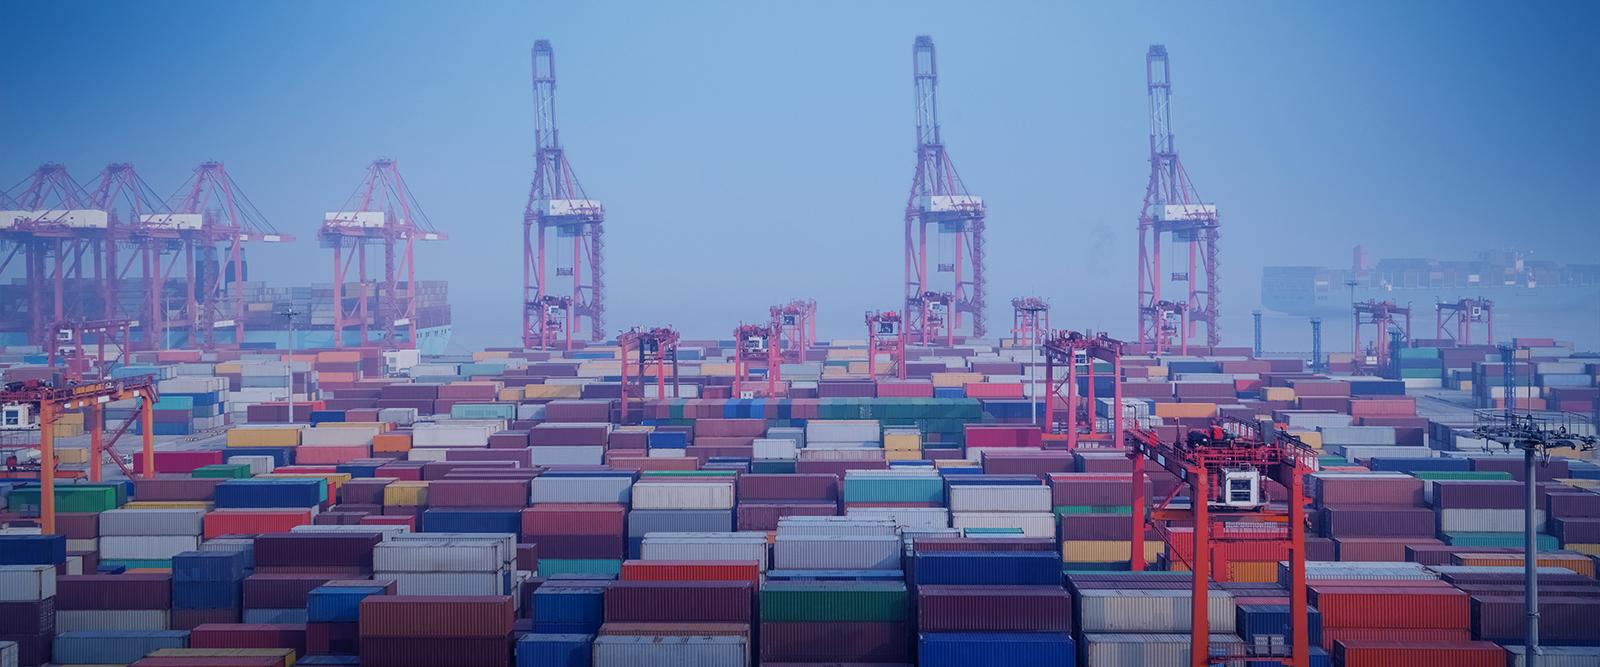 Conteneurs de plusieurs couleurs sur un port de transport de marchandises en Chine